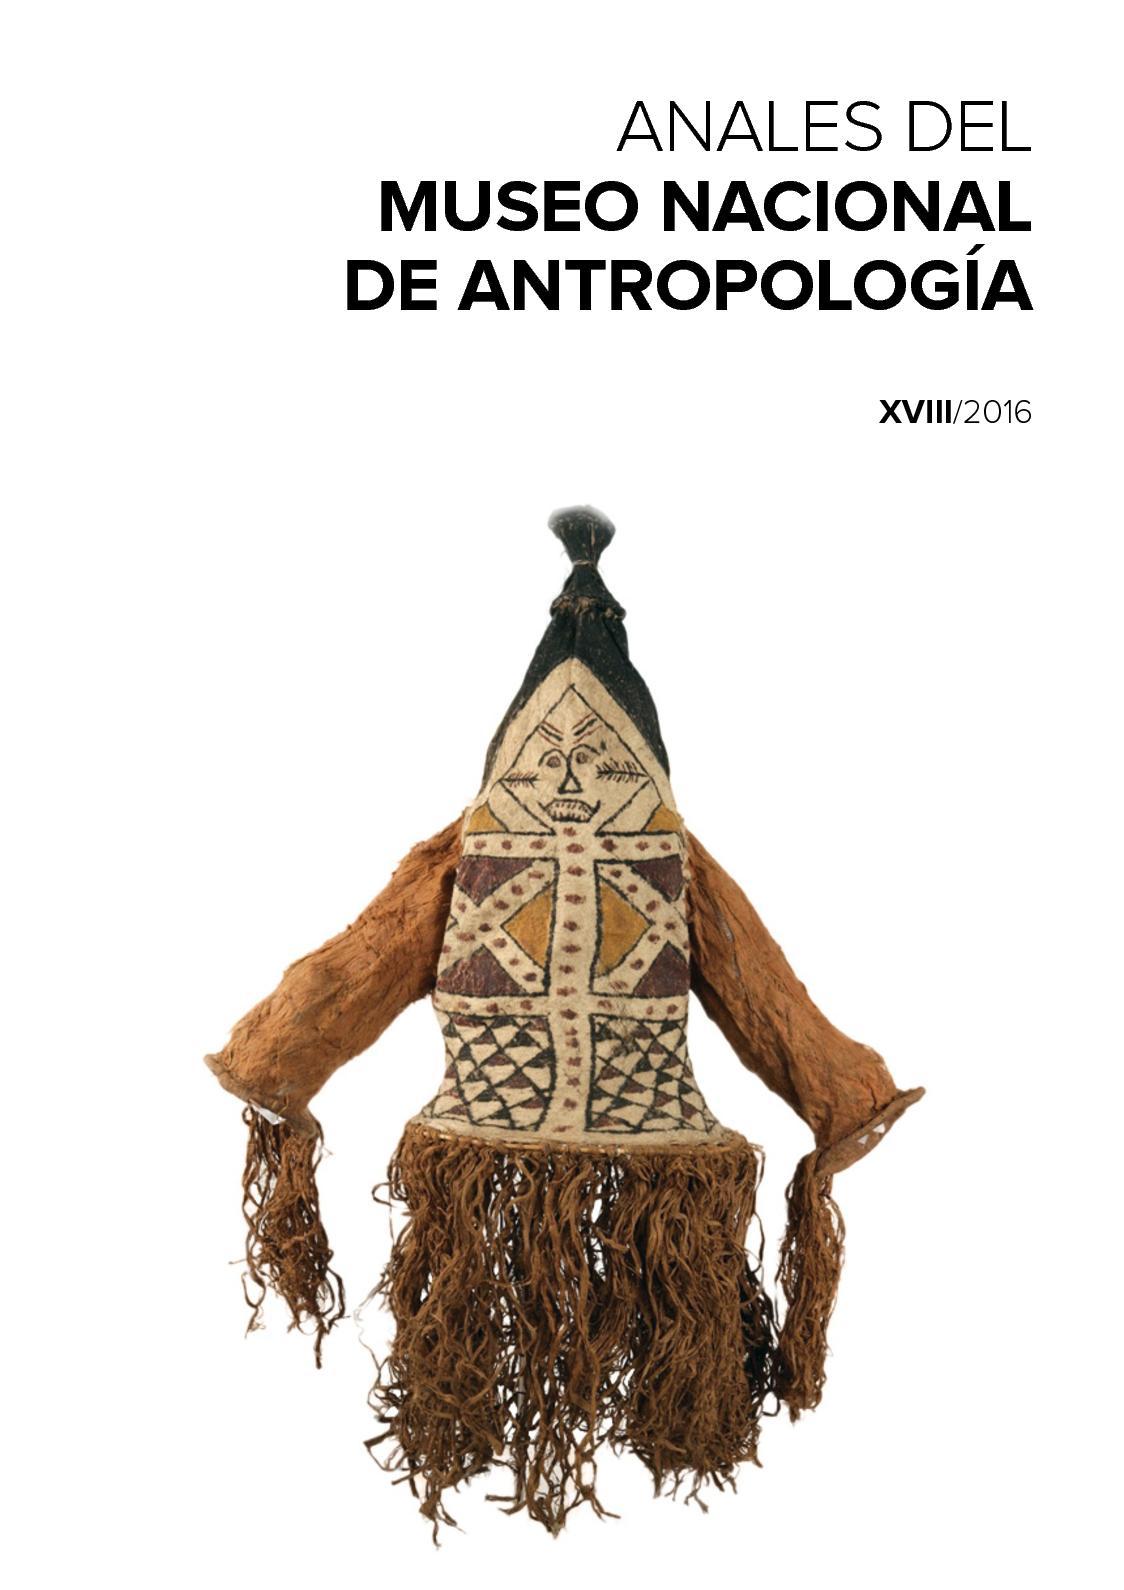 Calaméo - Anales del Museo Nacional de Antropología XVIII/2016